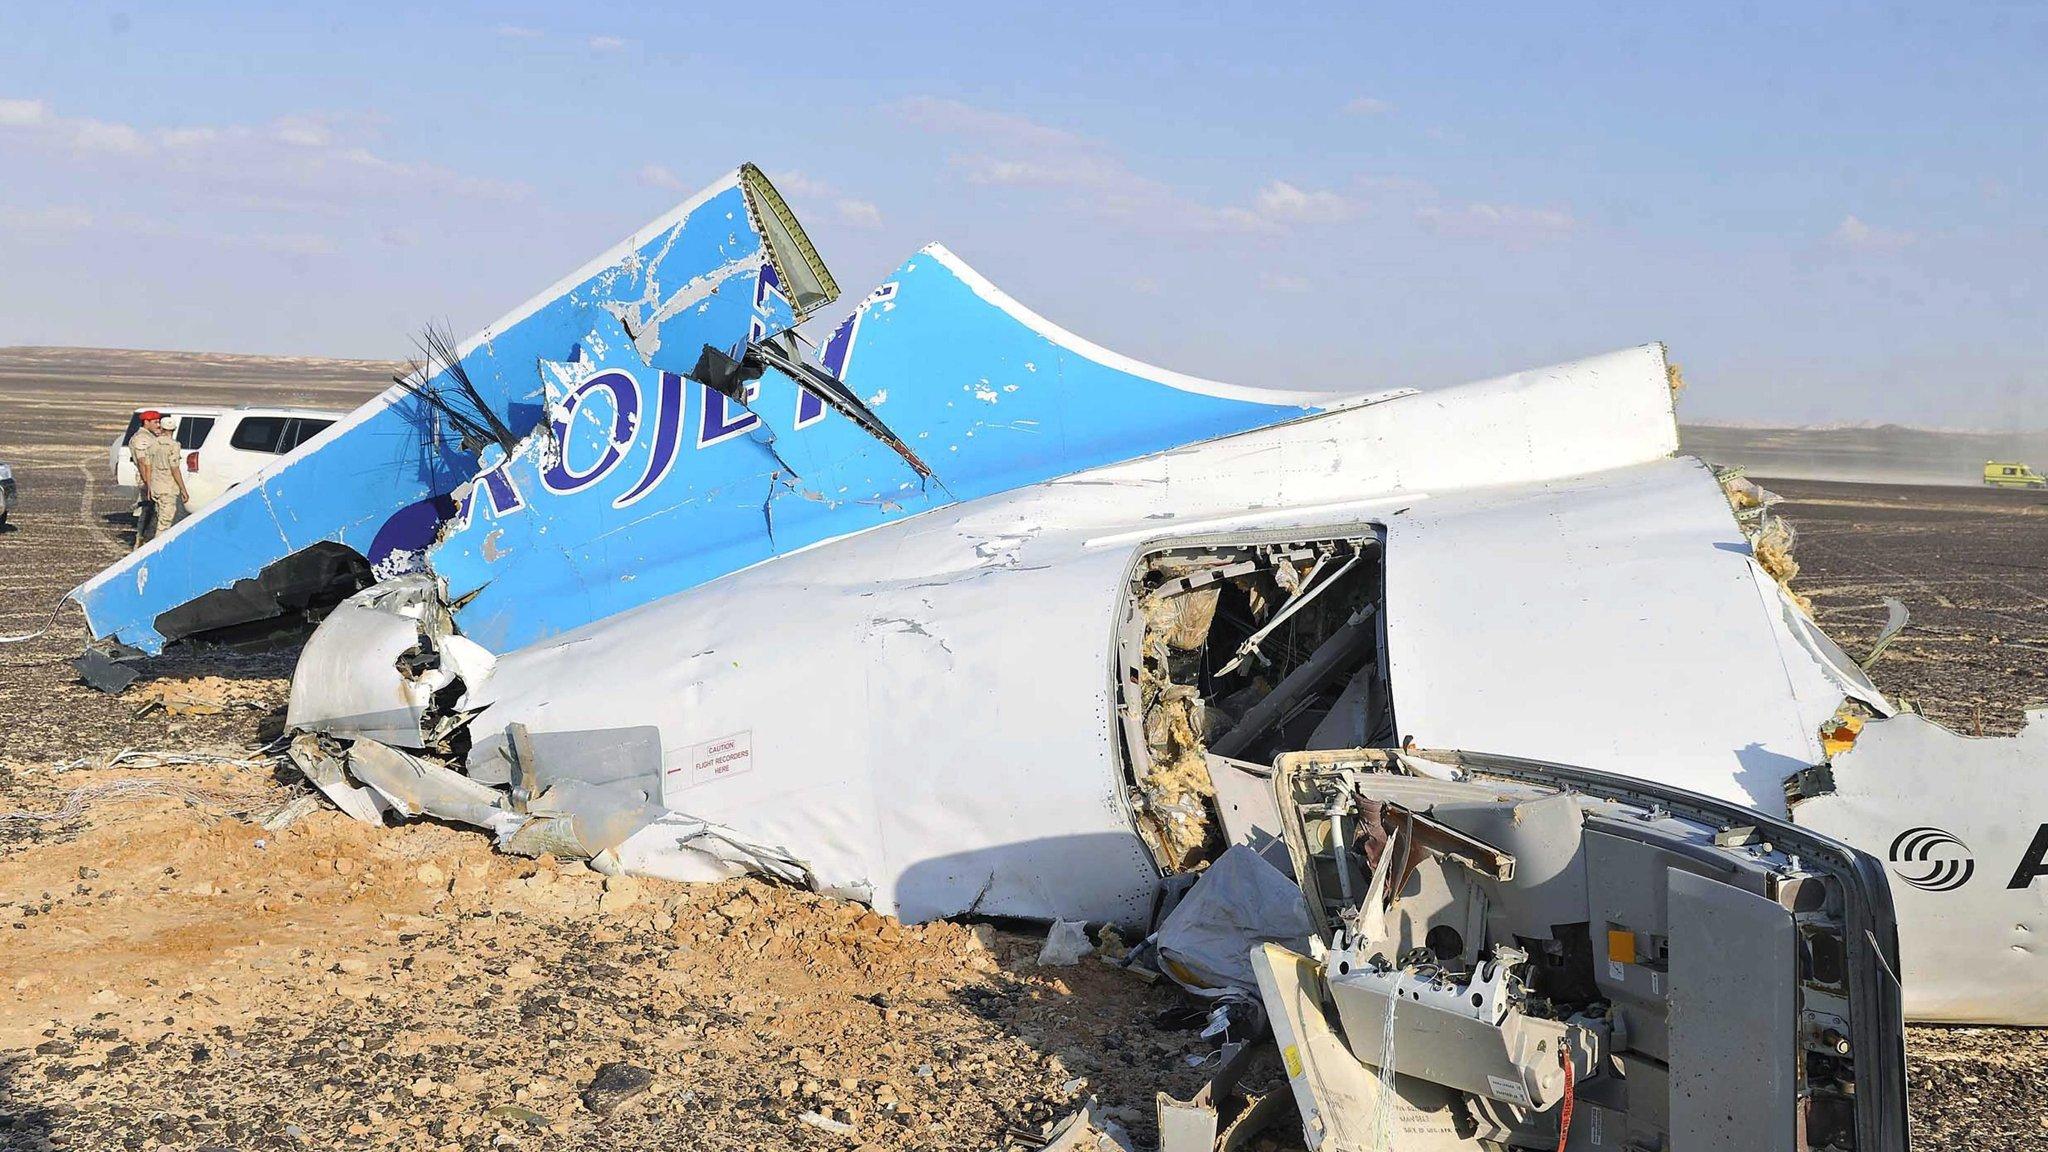 Почему упал самолет в египте фото погибших